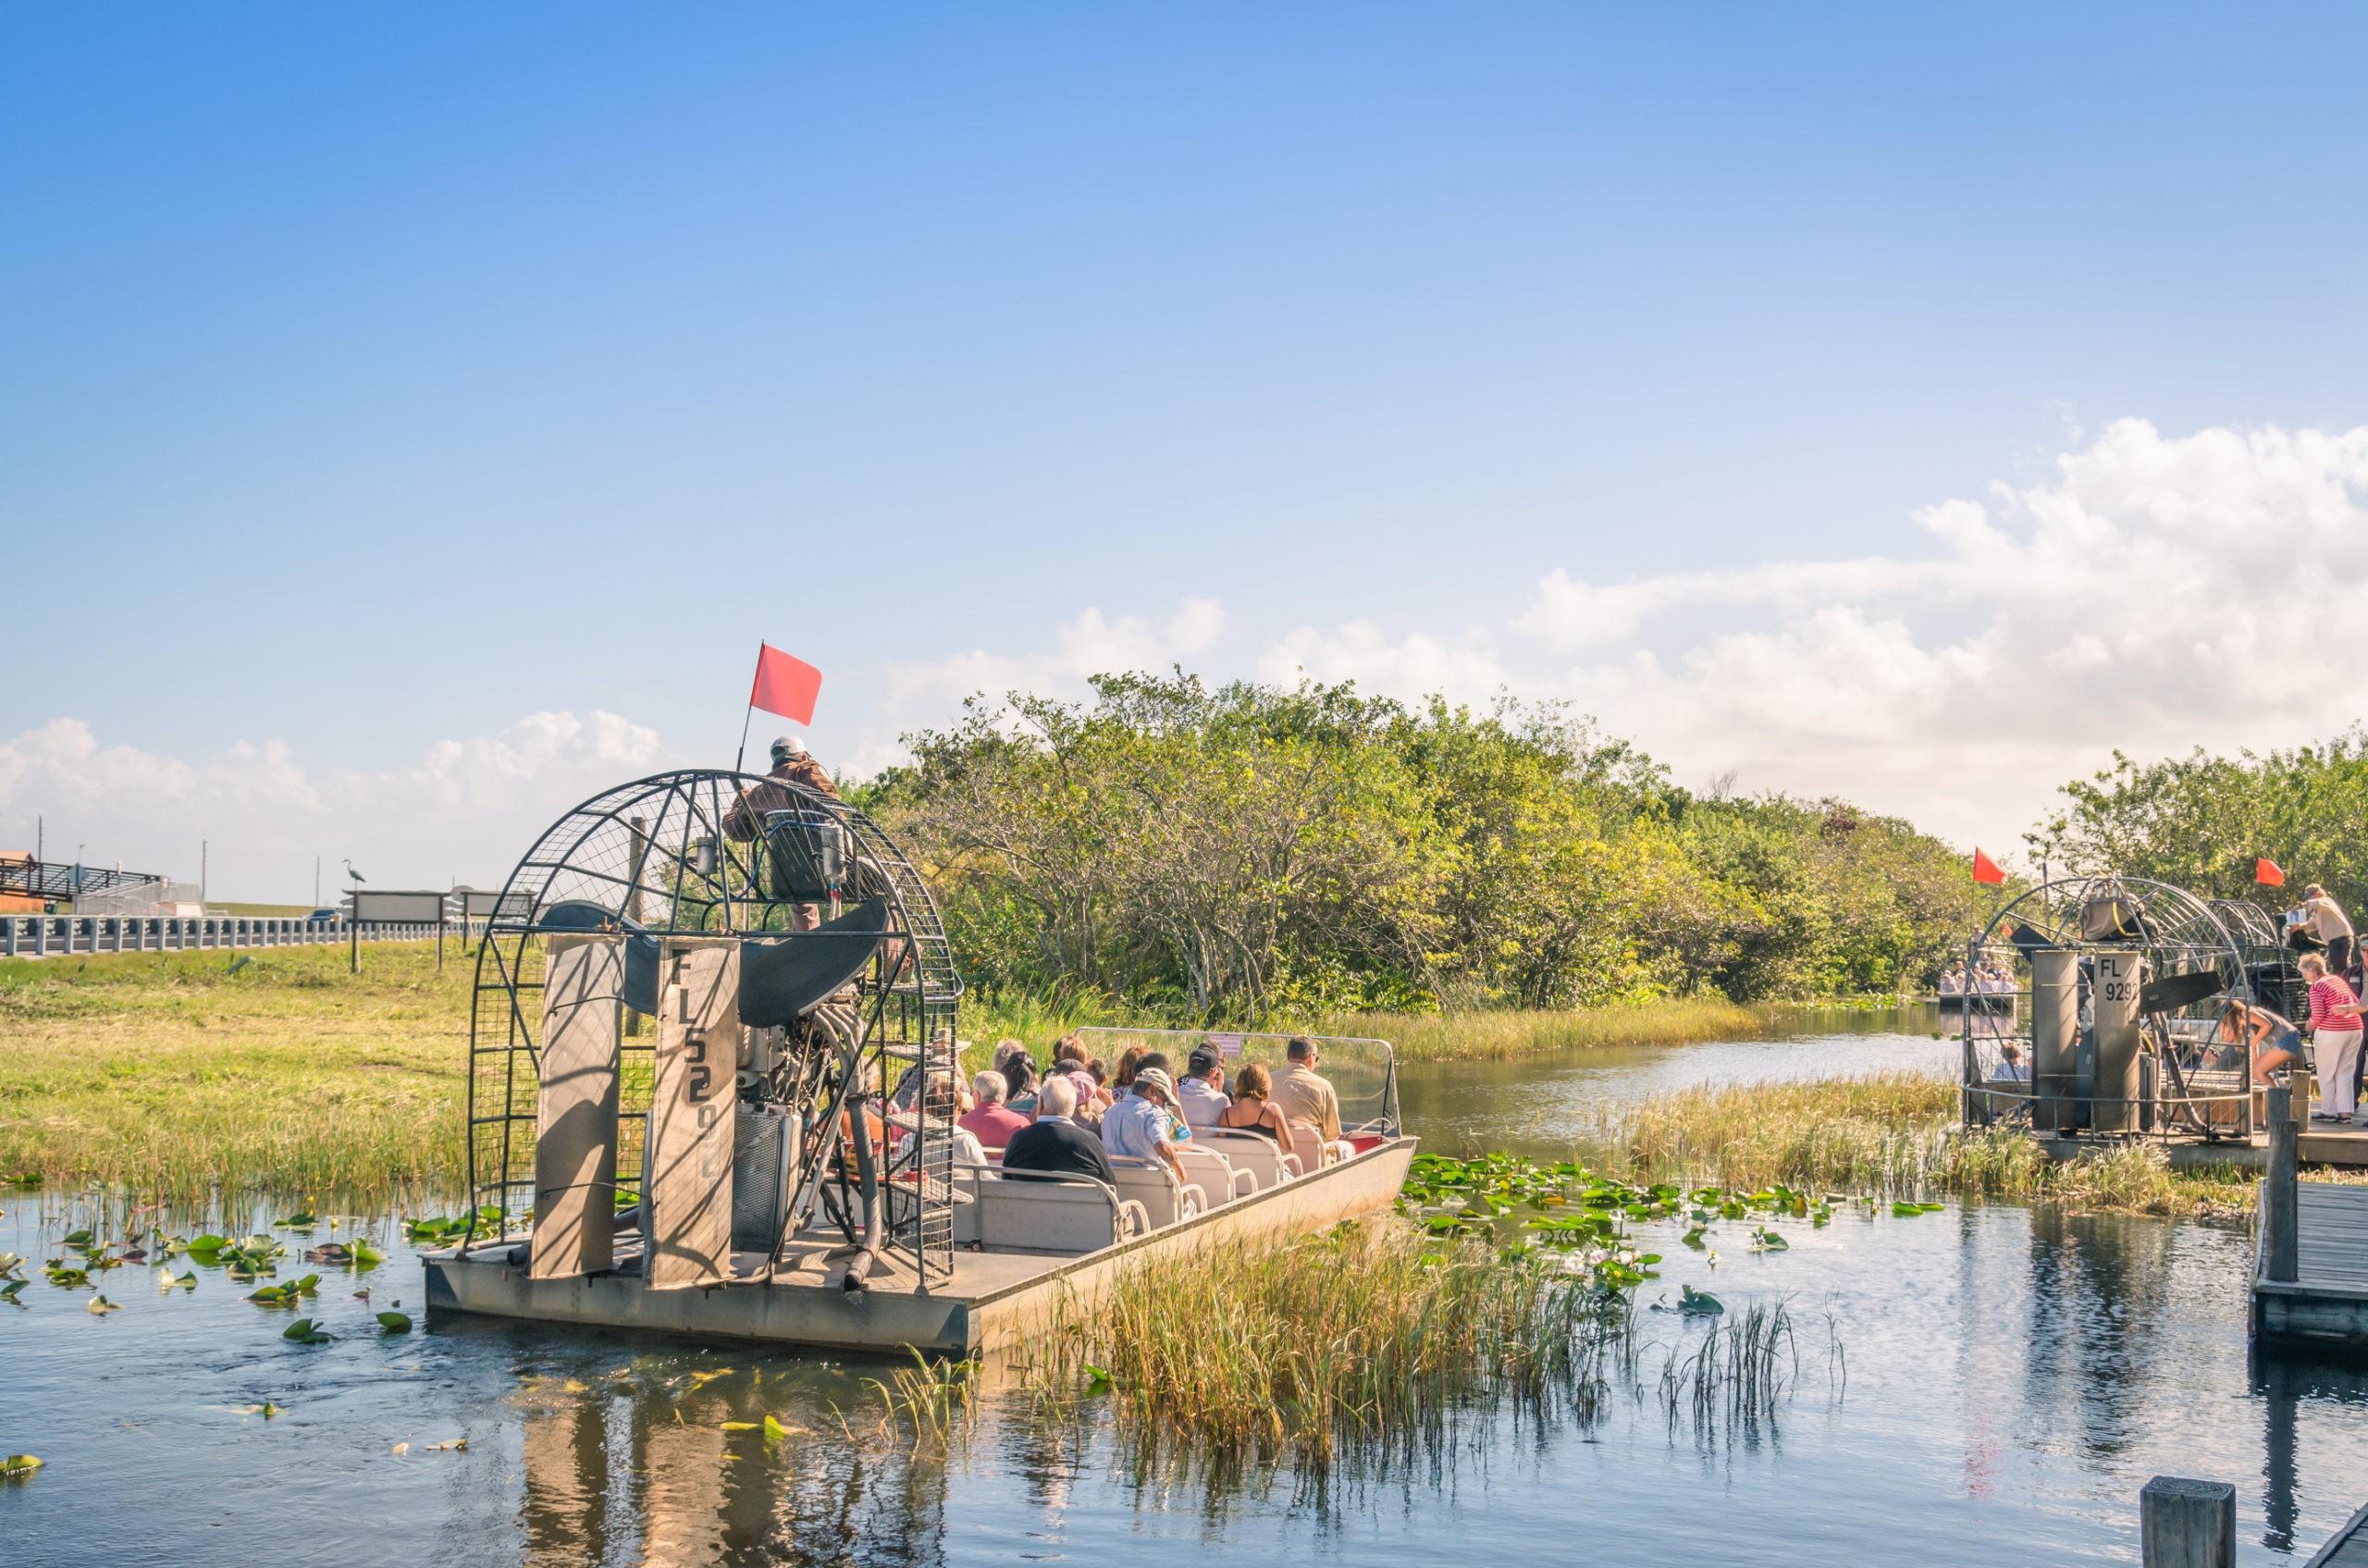 Everglades to naturalny region mokradeł w południowej części stanu Floryda w USA., licencja: shutterstock/By View Apart